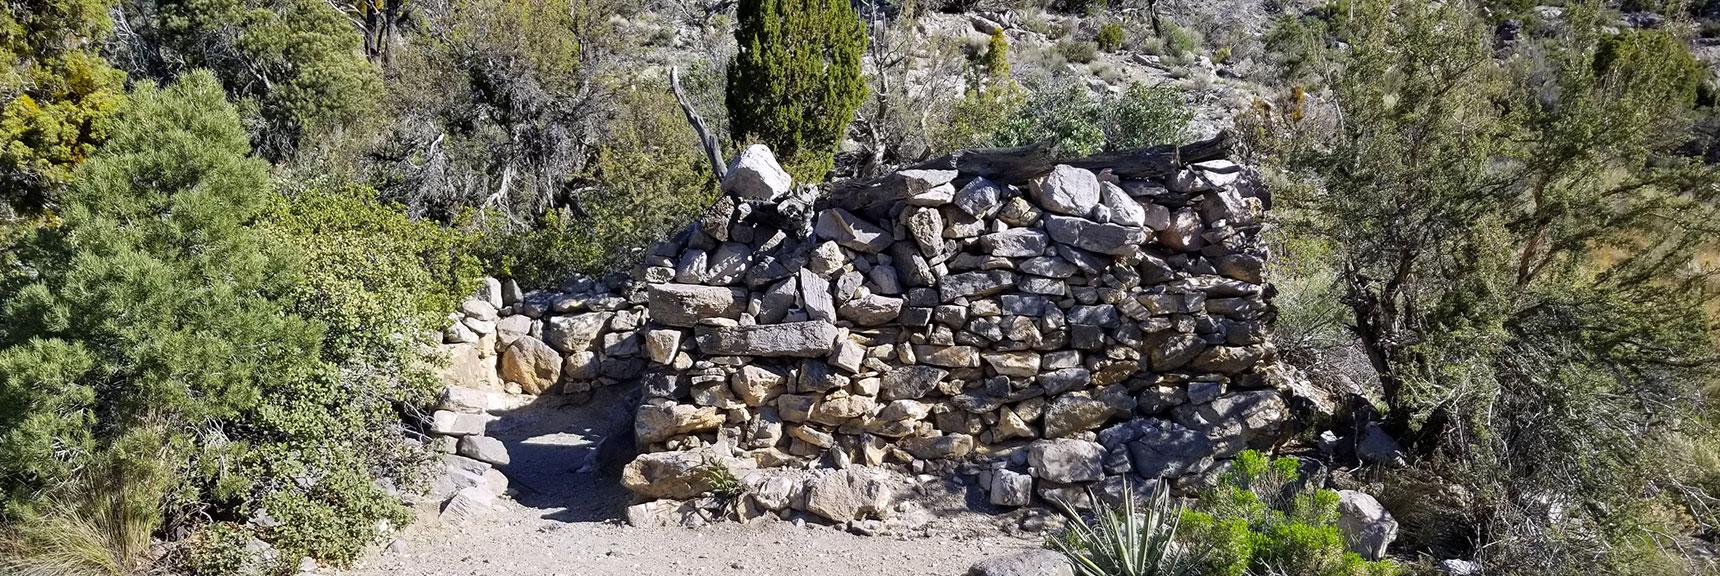 Miner's Cabin at La Madre Mt Springs, Red Rock Nat Pk, Nv